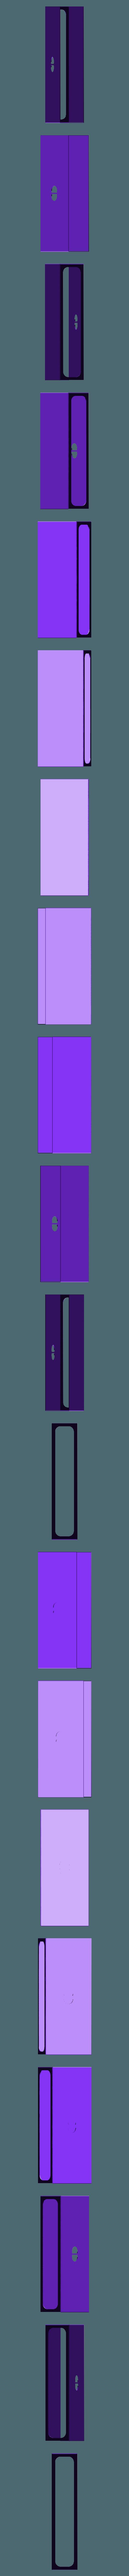 Component Tray Sleeve.STL Télécharger fichier STL gratuit Cuba Libre - Encart et organisateur de jeux de société • Plan pour impression 3D, danielbeaver